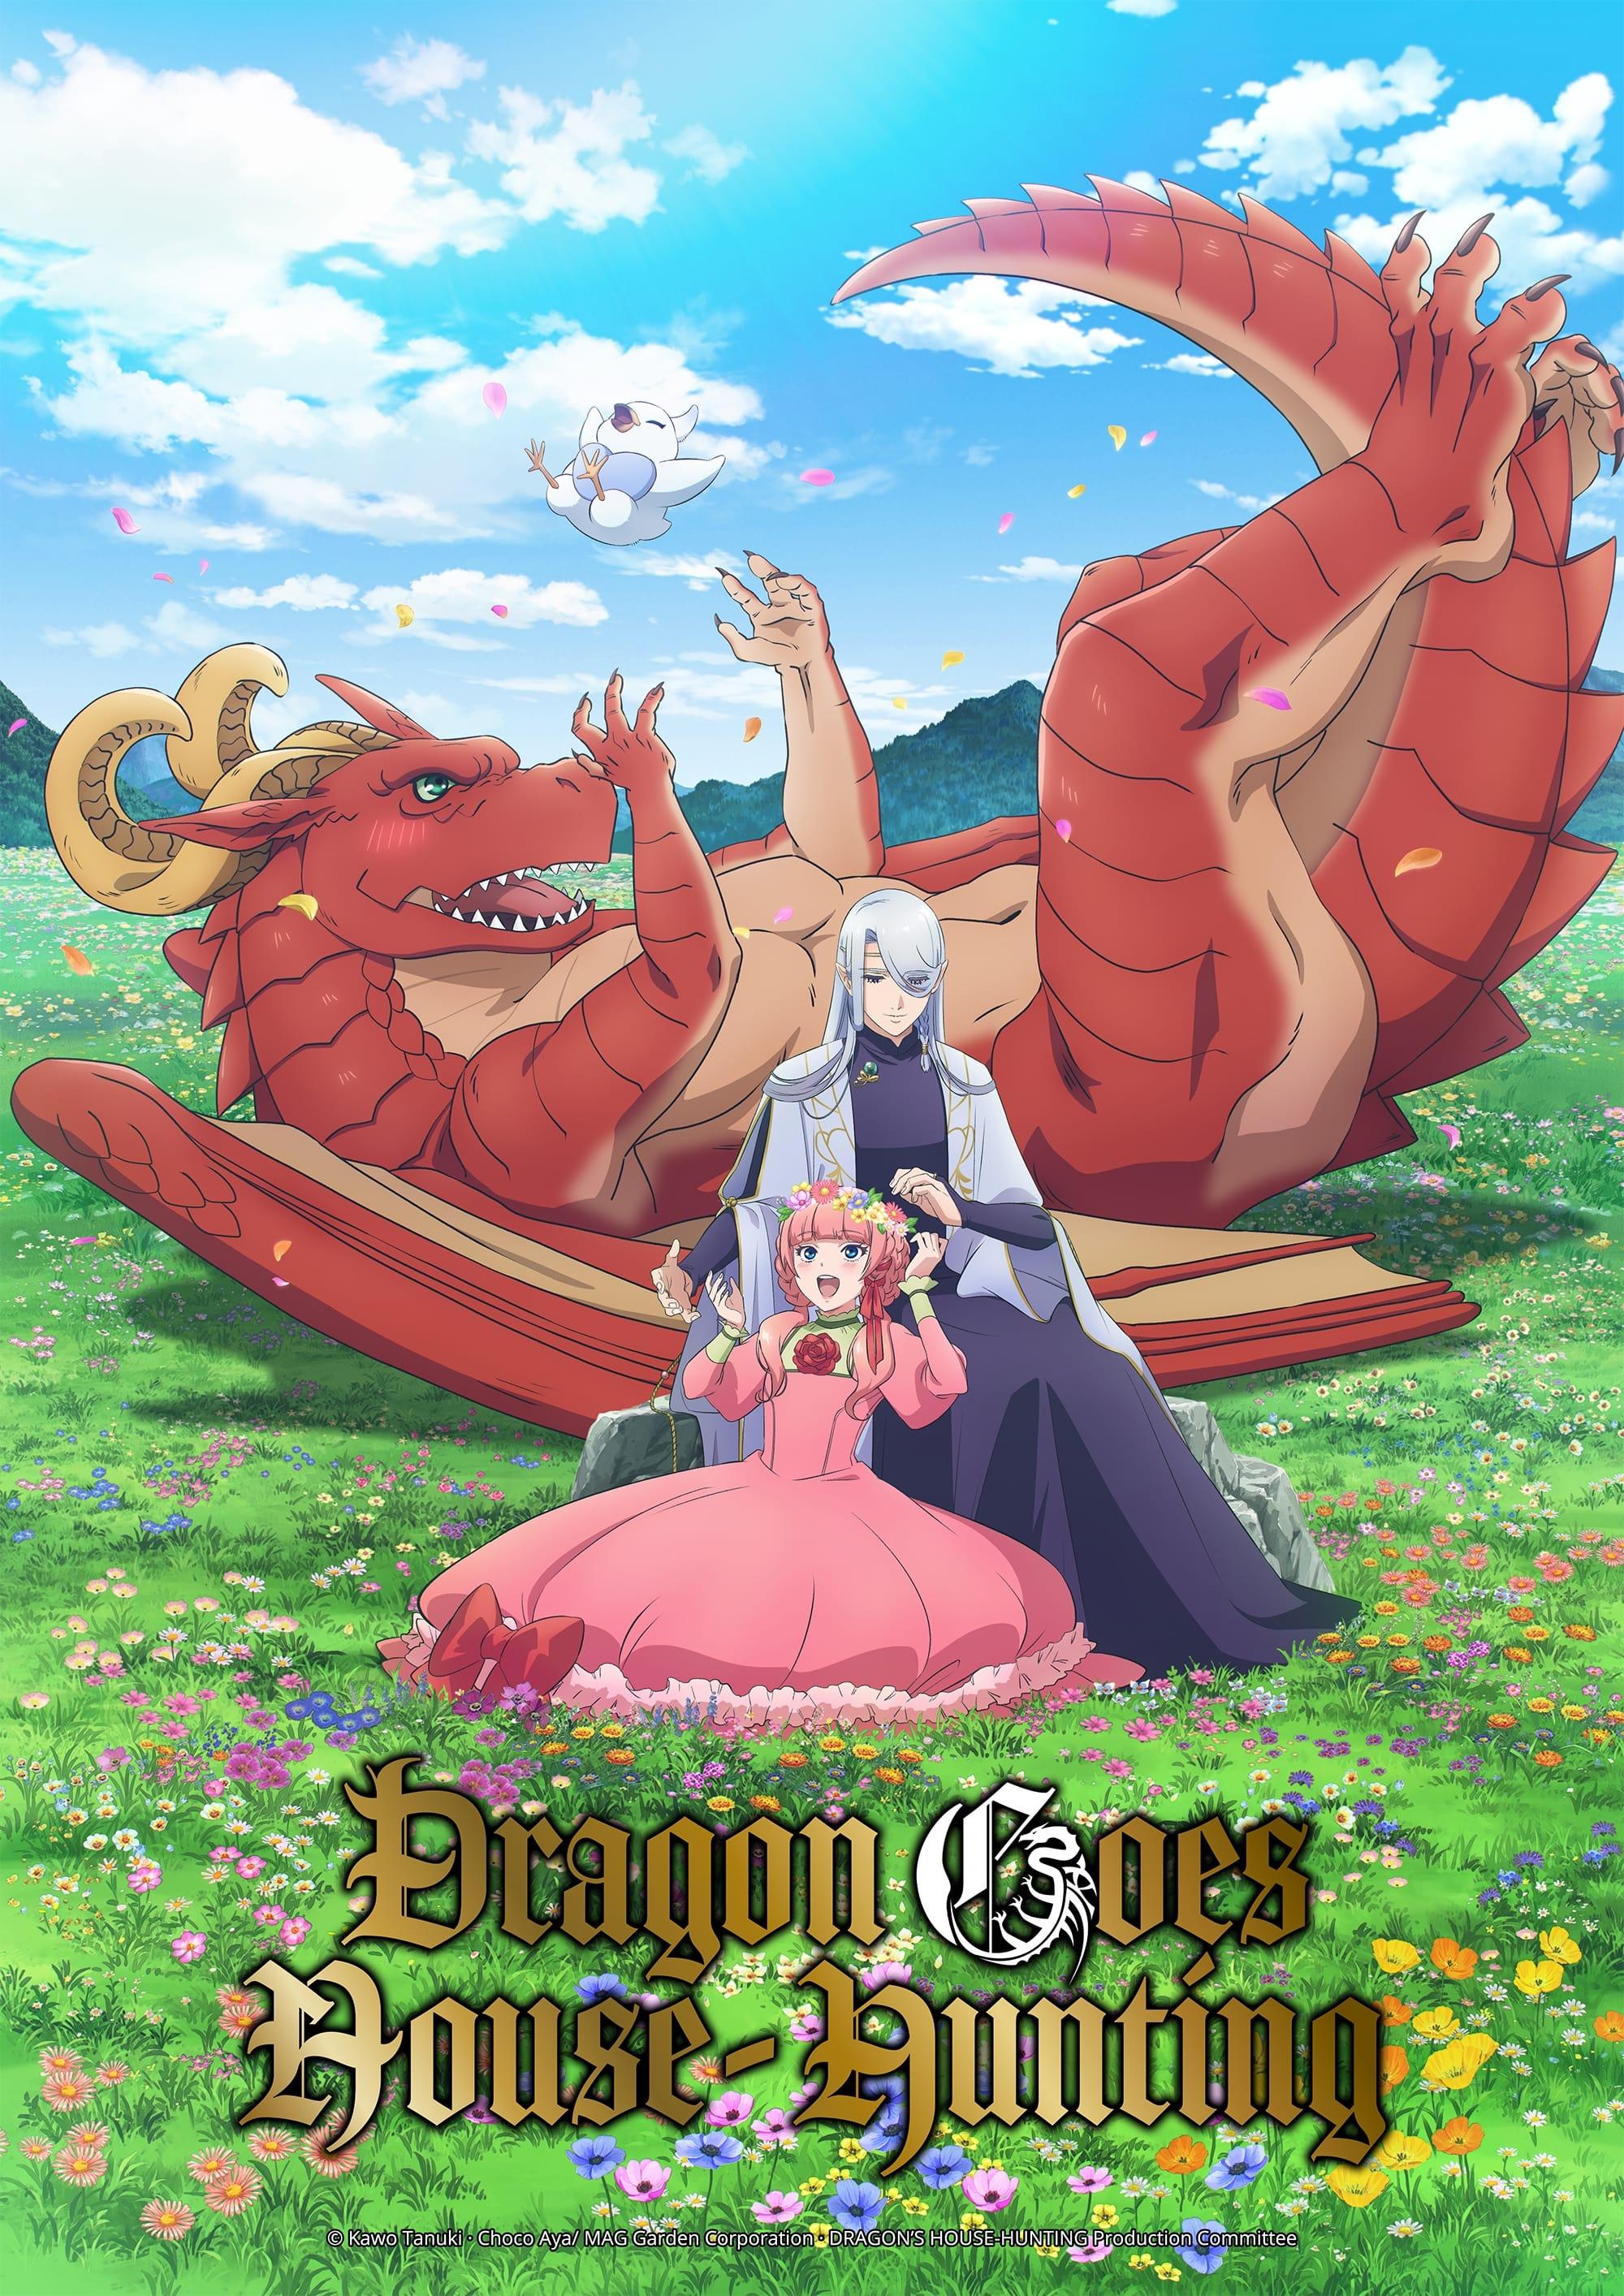 ドラゴン、家を買う。 TV Shows About Fantasy World